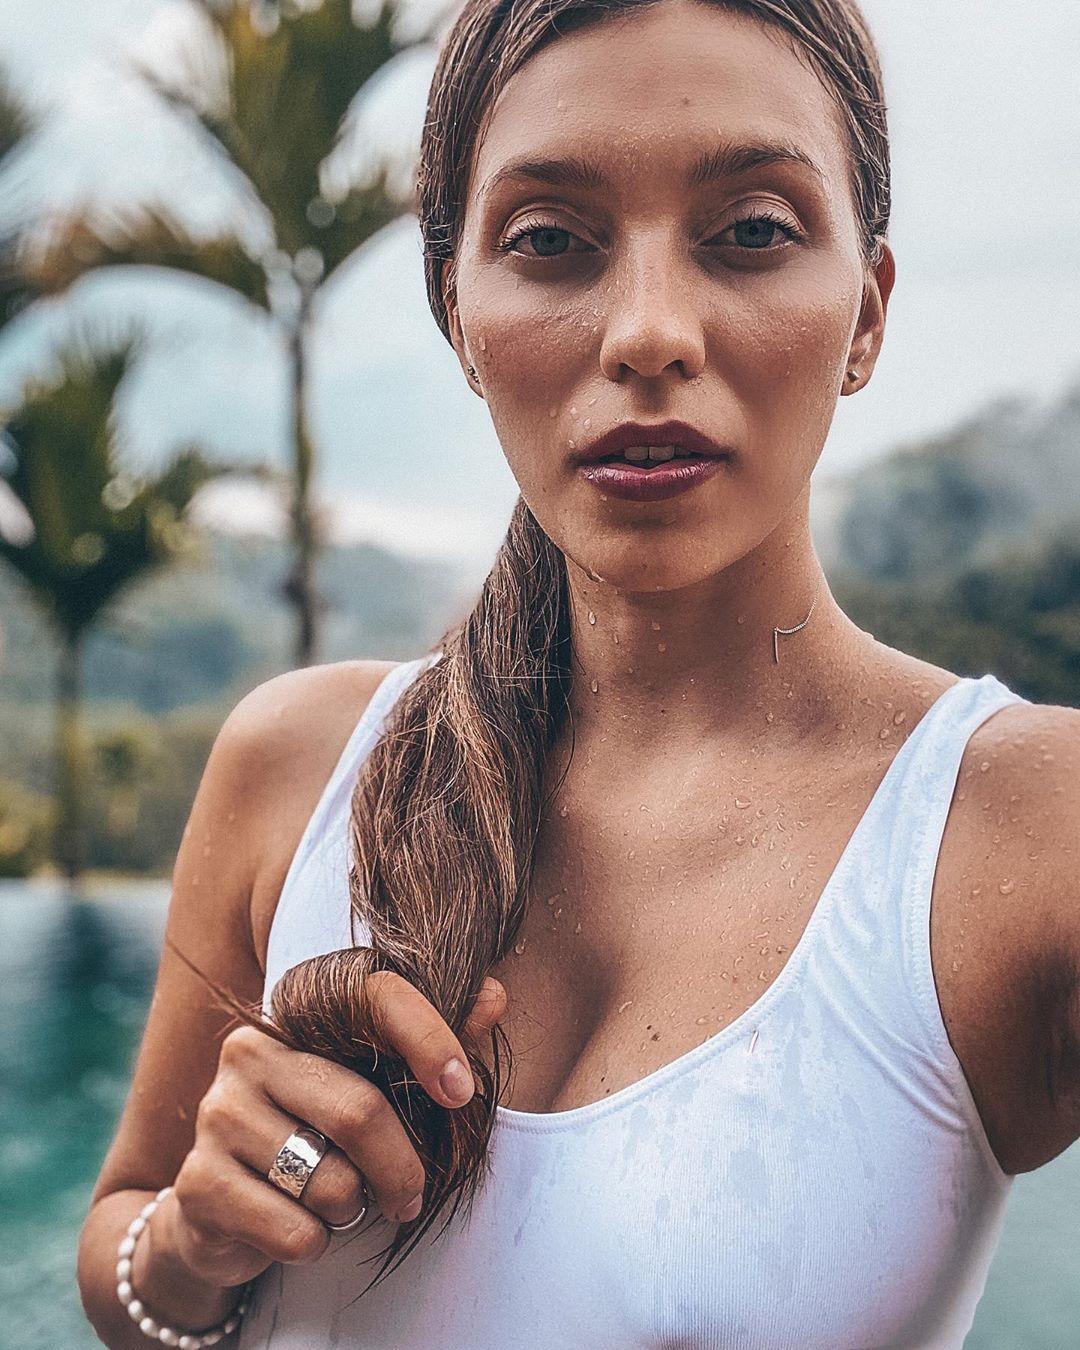 Тодоренко відпочиває на Балі / instagram.com/reginatodorenko